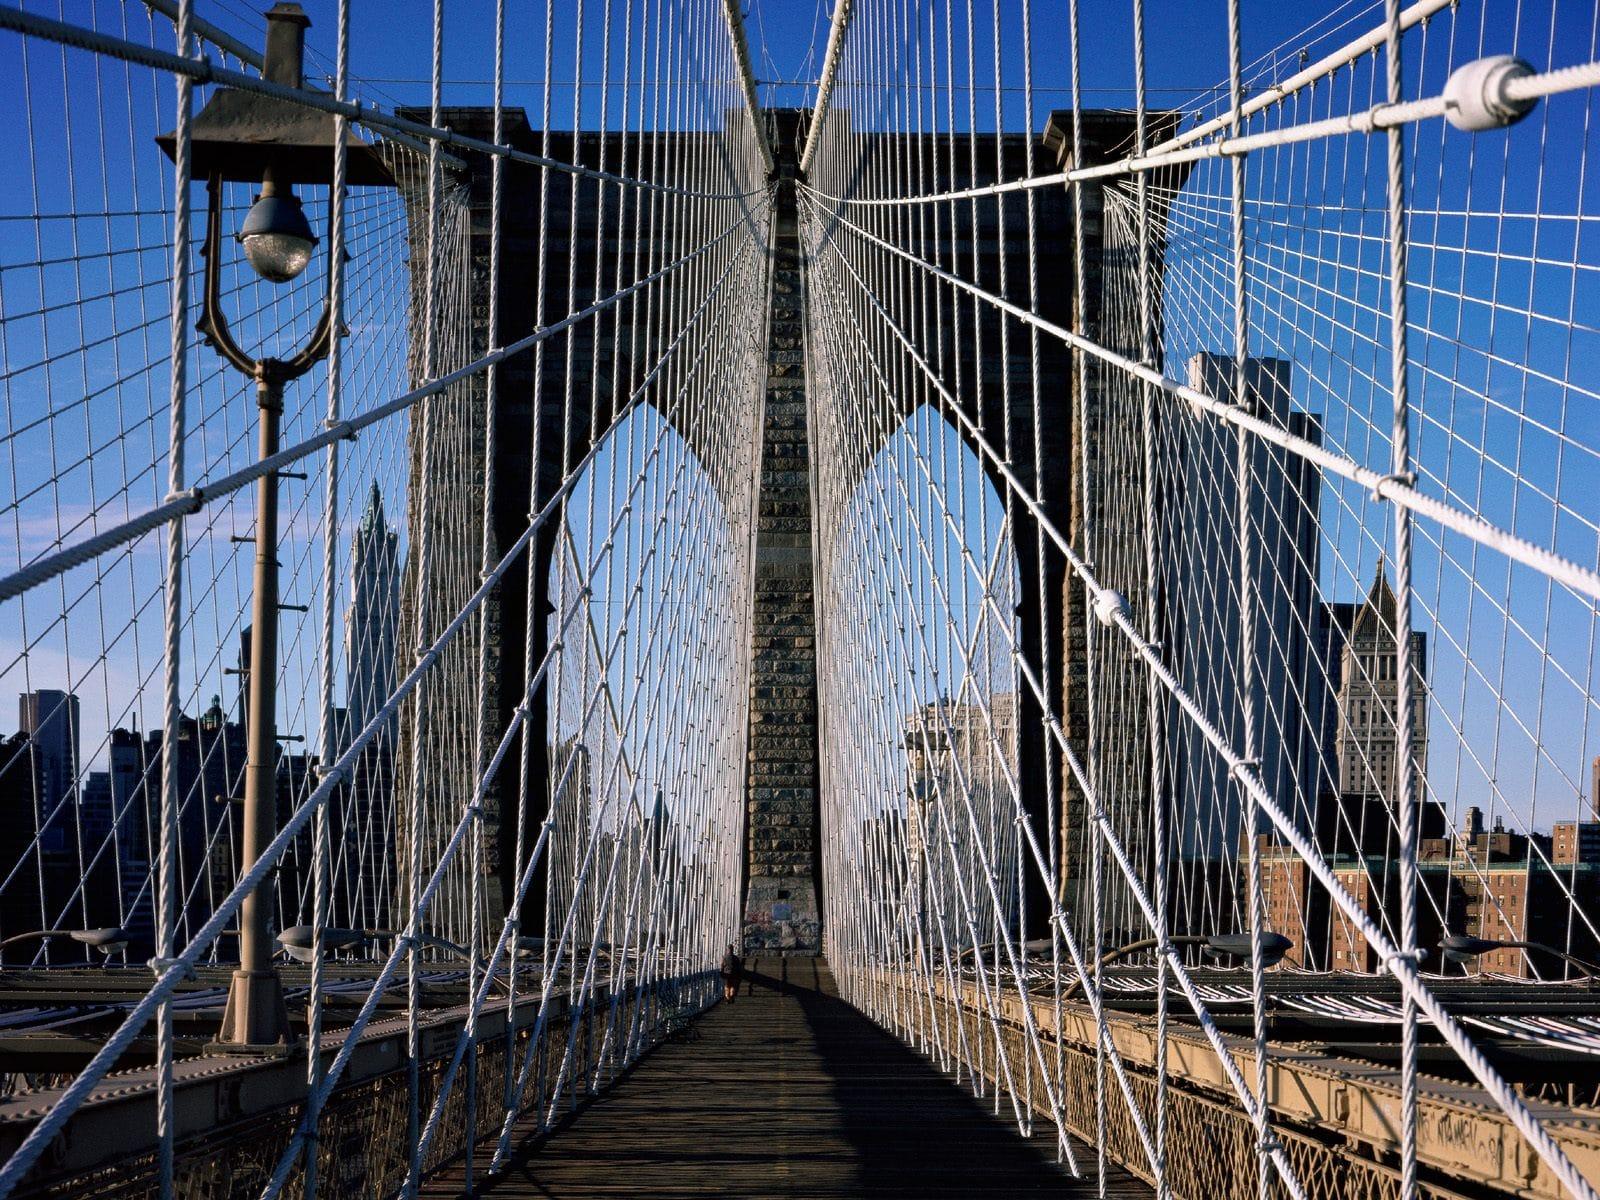 pont de brooklyn tout savoir sur la travers e du brooklyn bridge. Black Bedroom Furniture Sets. Home Design Ideas